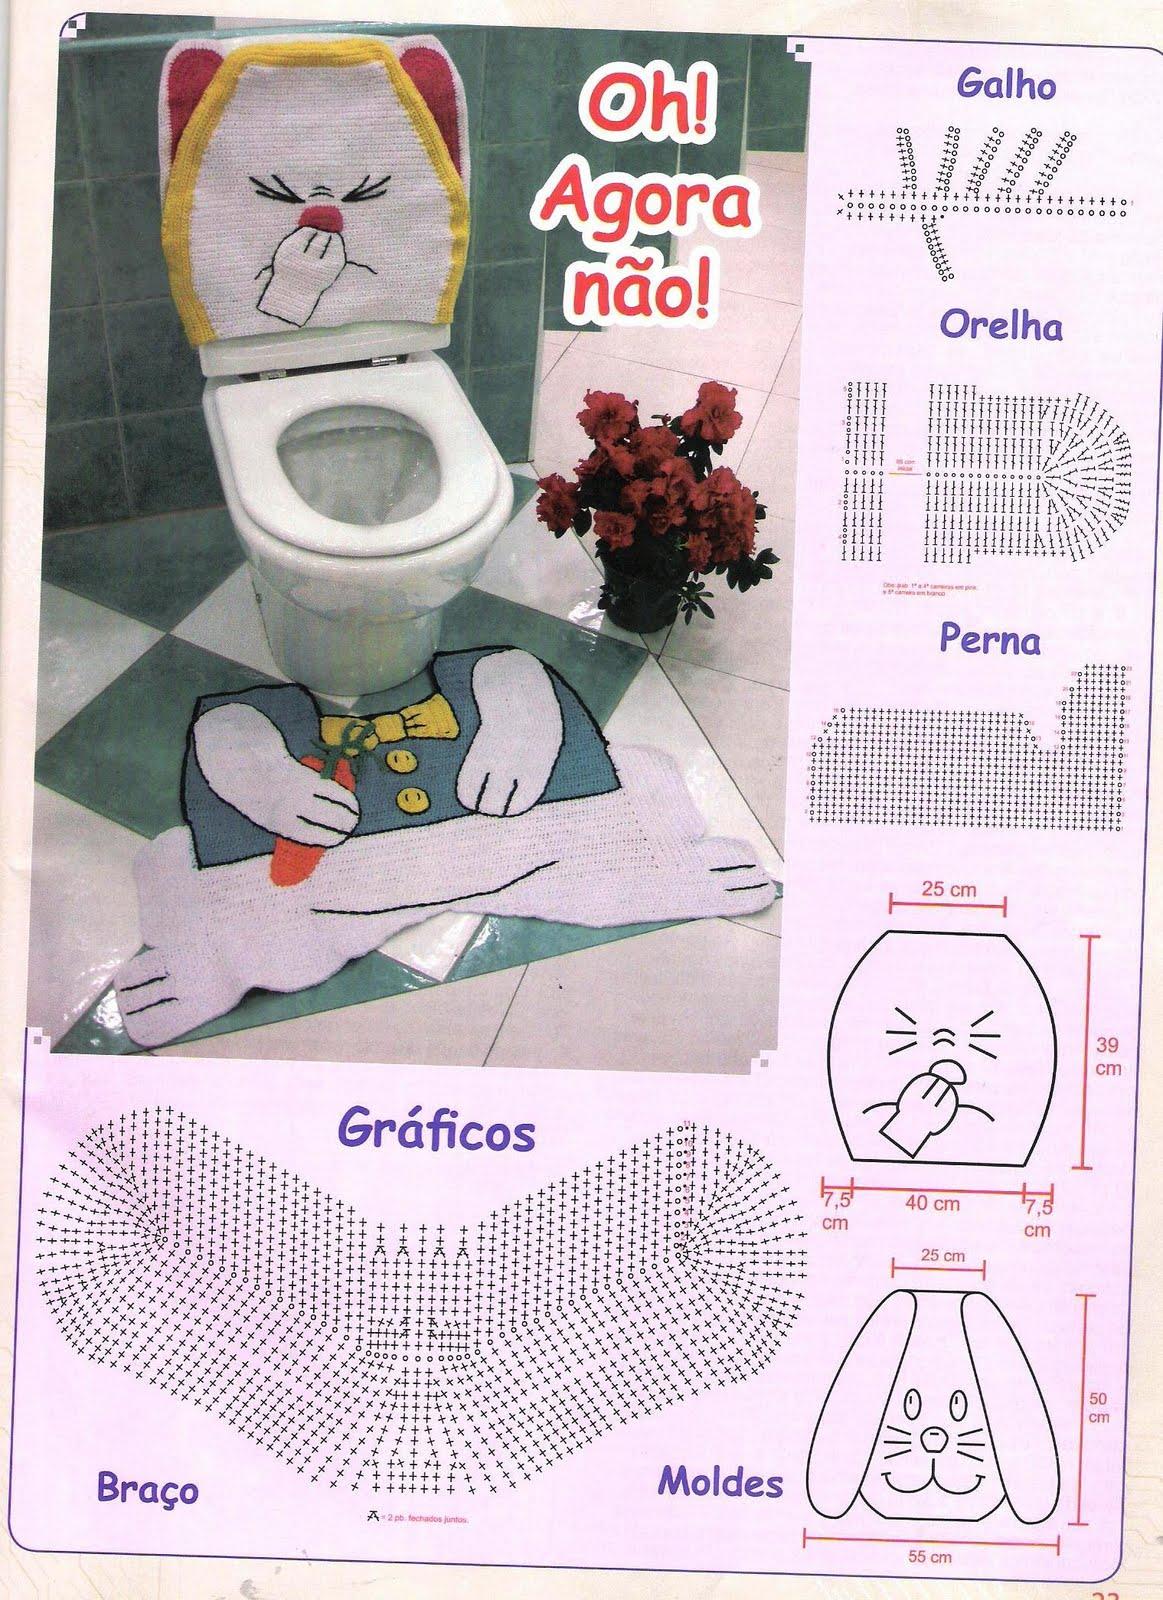 Crochês e Pinturas: Jogo de banheiro de crochet em barbante Coelhinho #7C3335 1163 1600